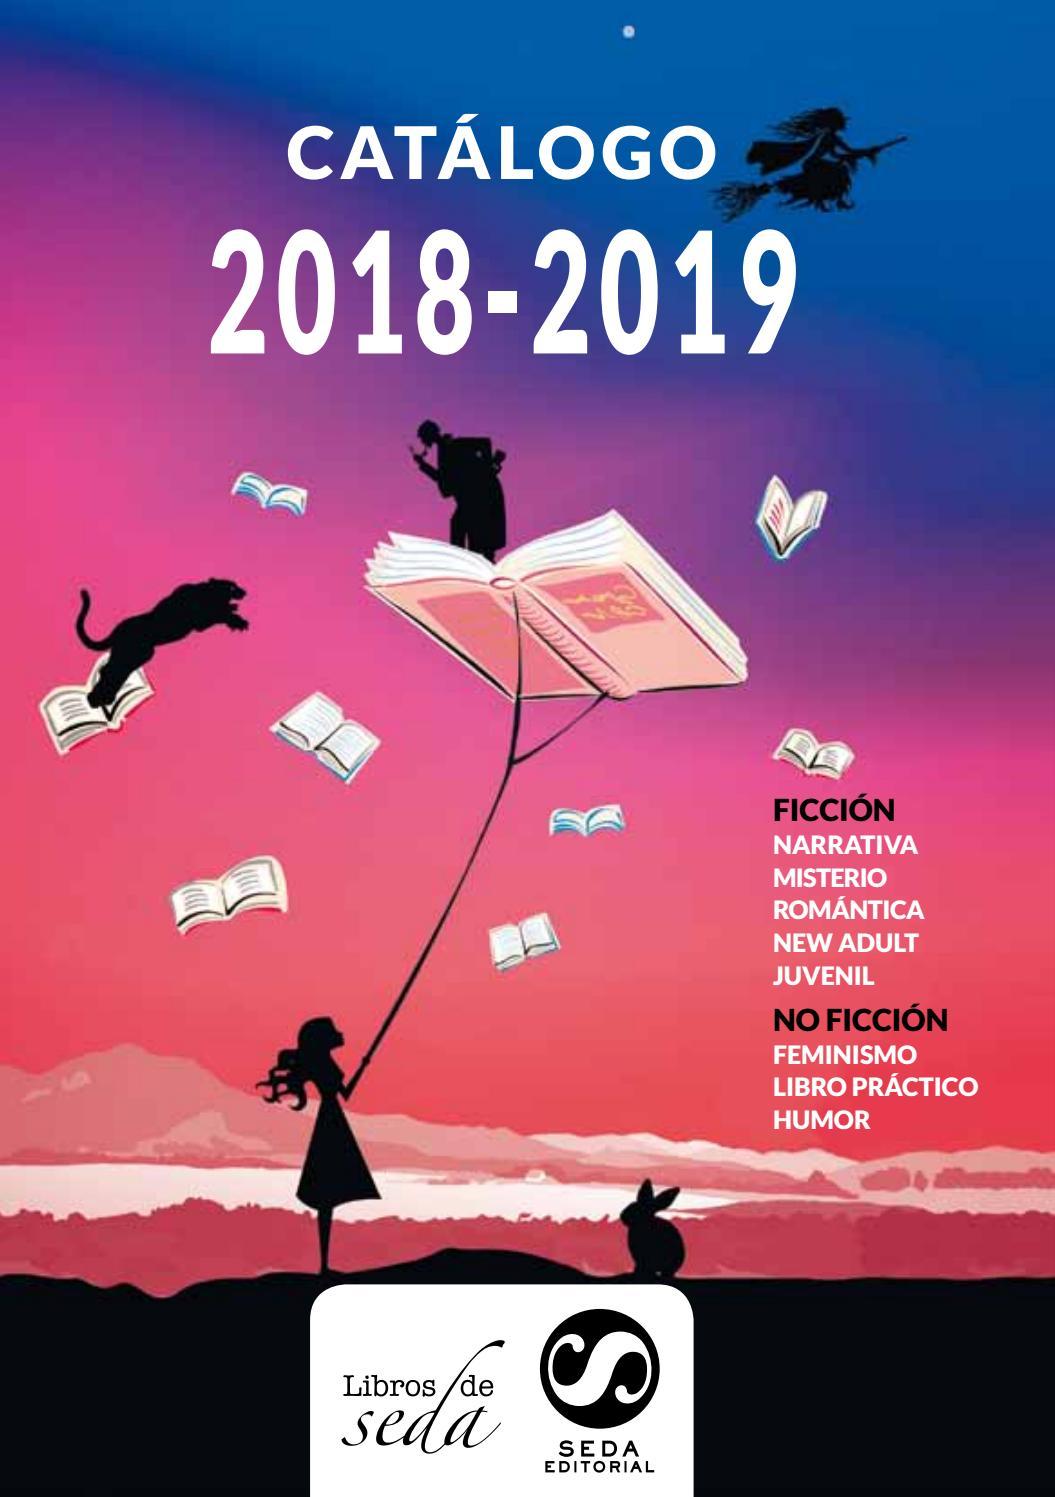 db83d9484e Catálogo de novedades 2019 - Libros de Seda by Libros de Seda - issuu